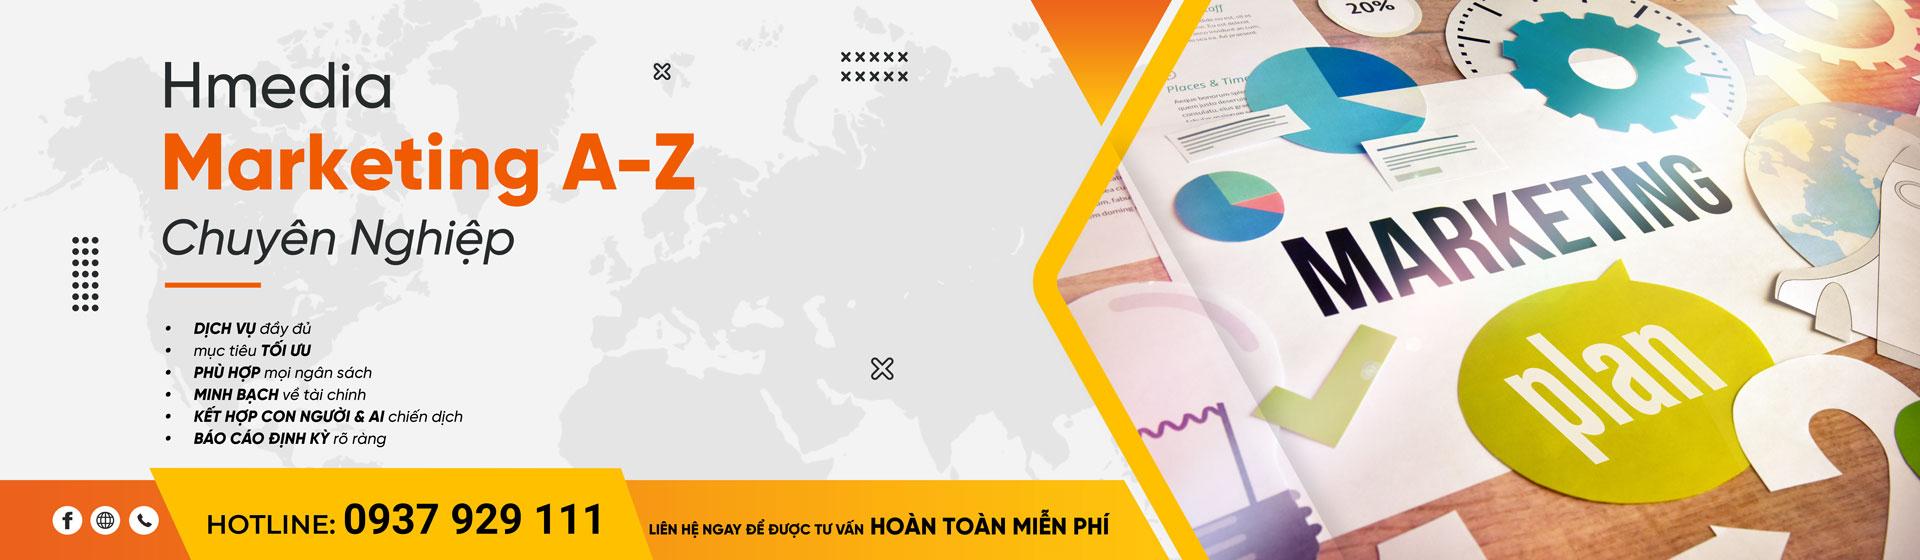 marketing-hmedia-bien-hoa-dong-nai